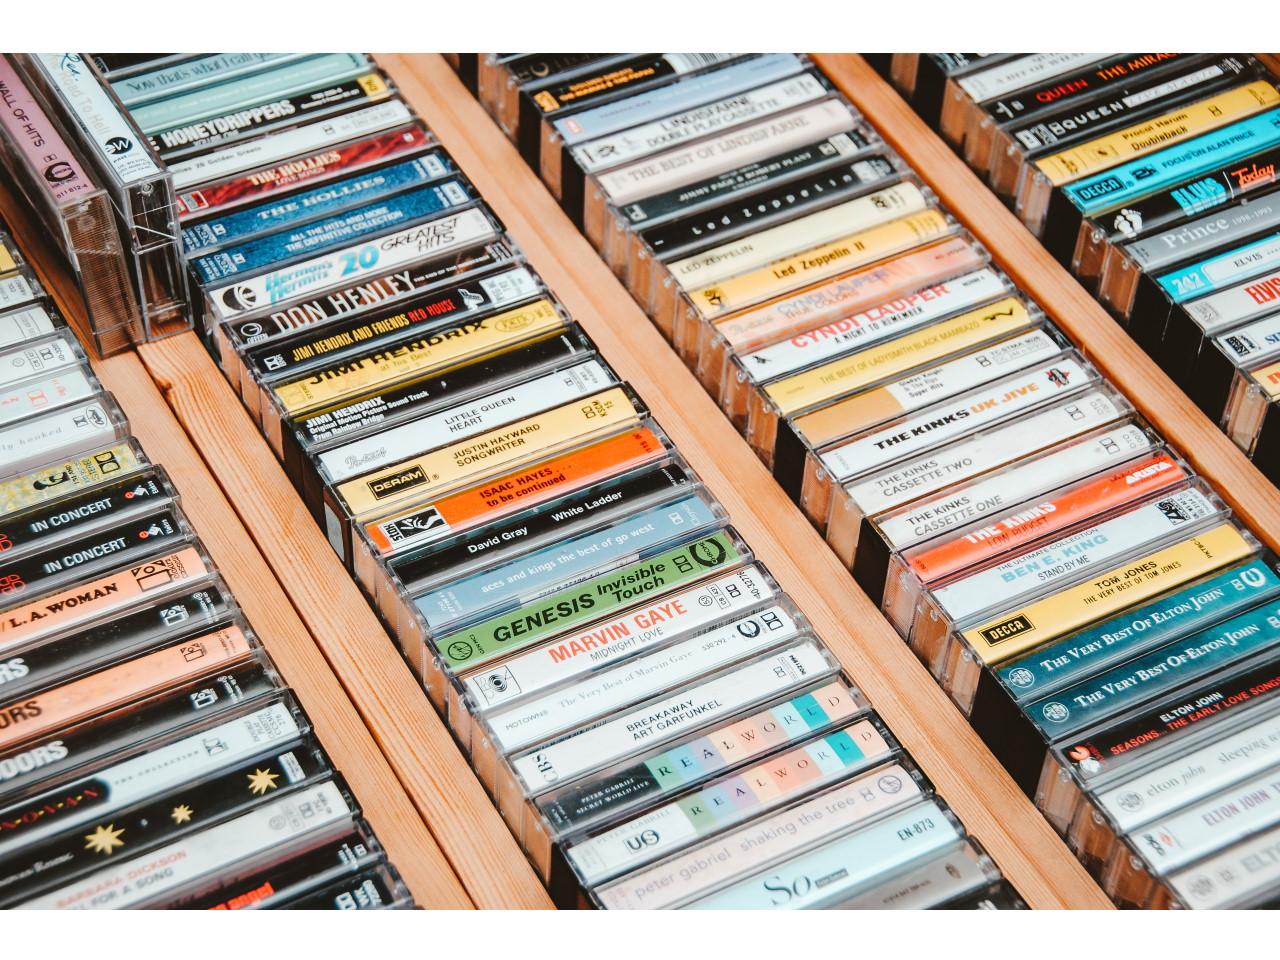 reddit cassette culture subreddit